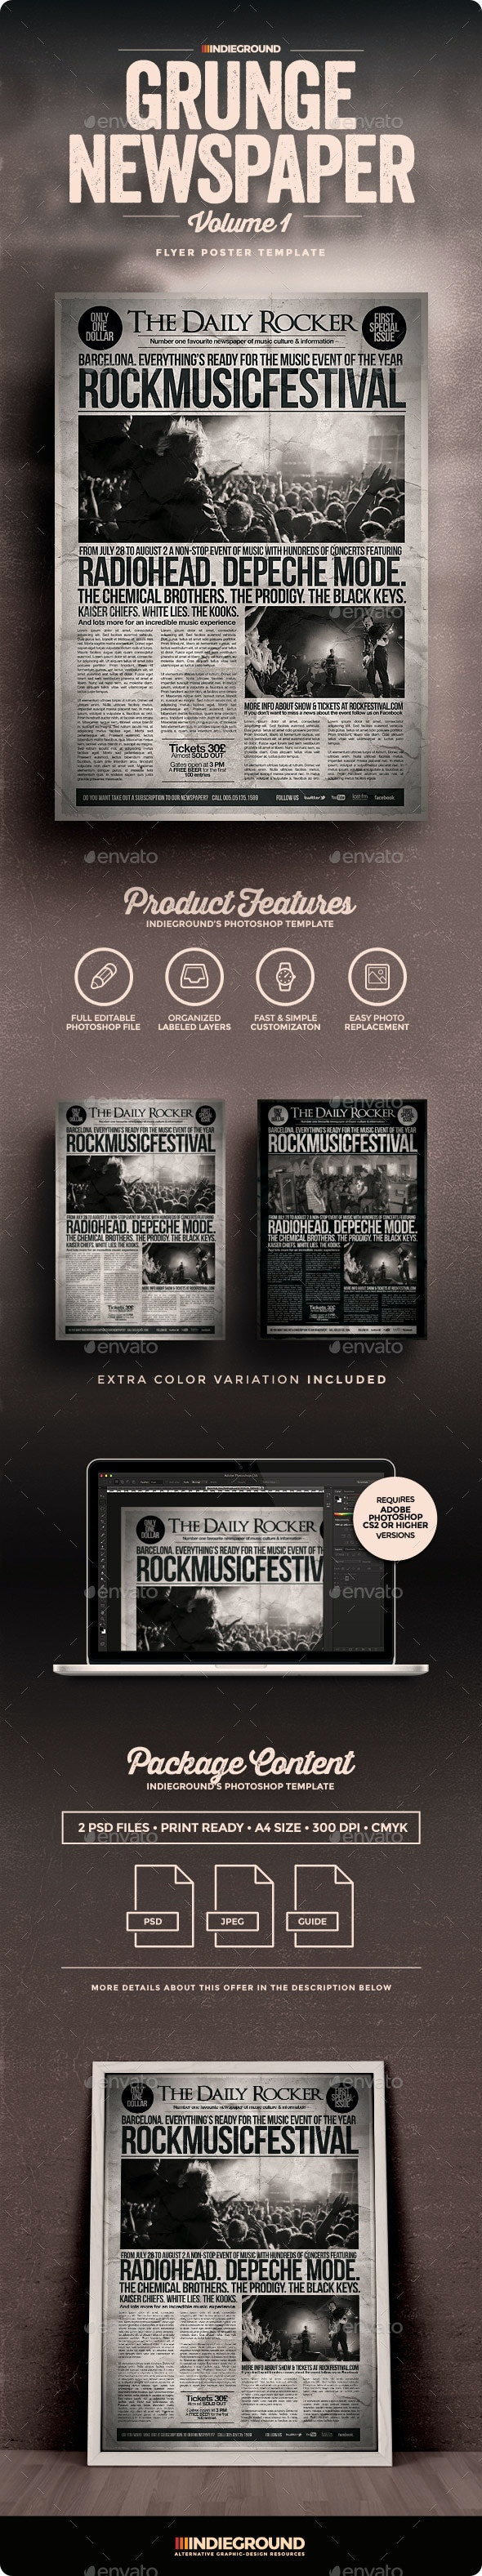 Grunge Newspaper Flyer/Poster - Concerts Events